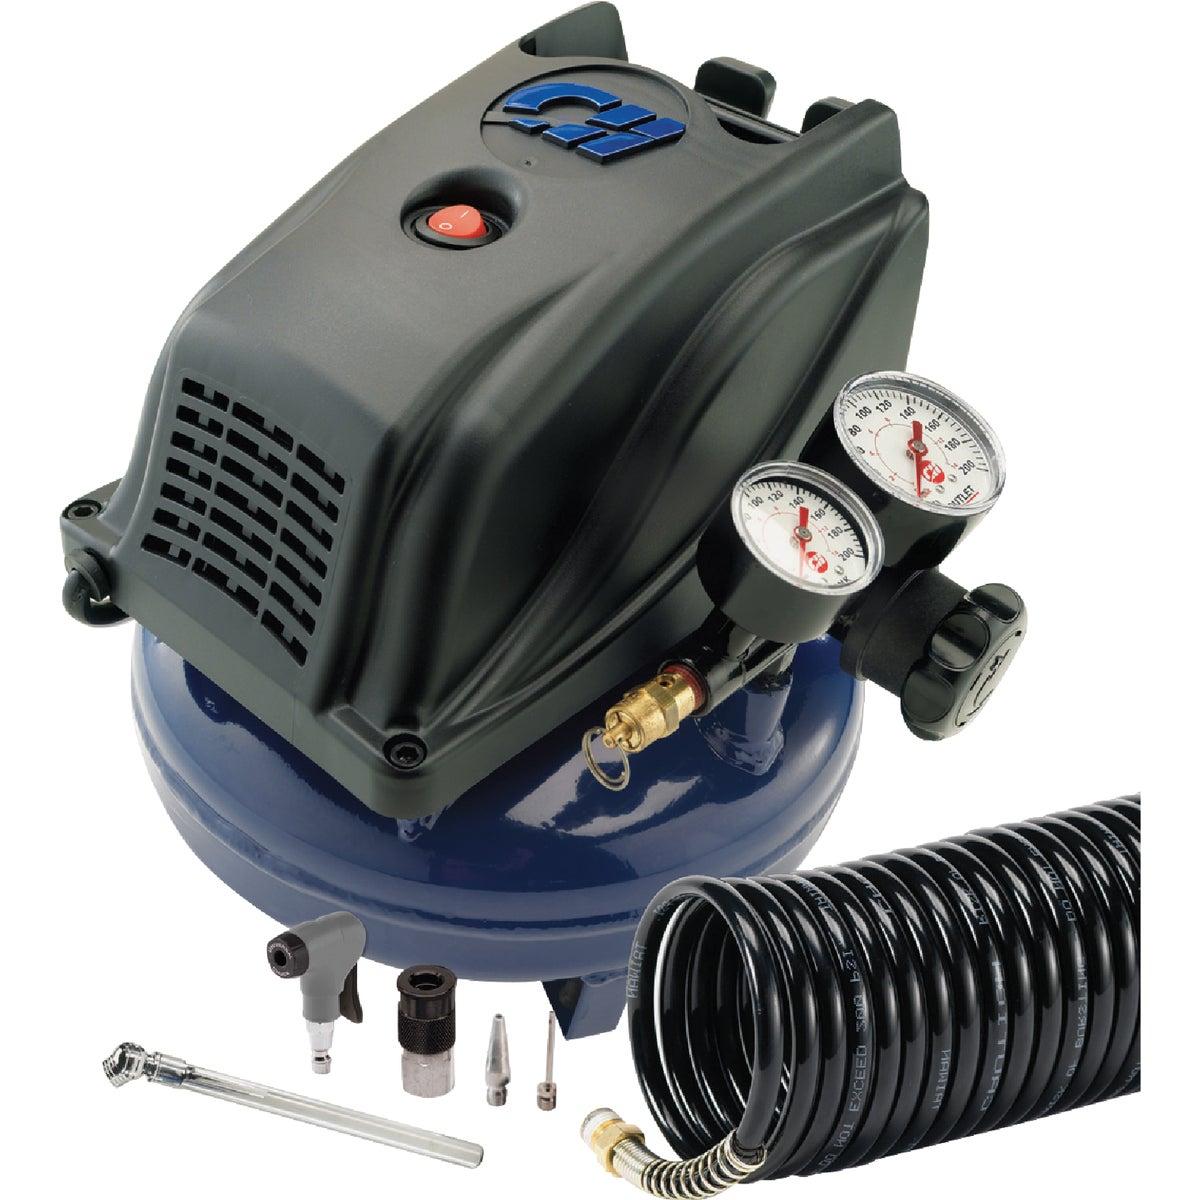 125 Psi Air Compressor